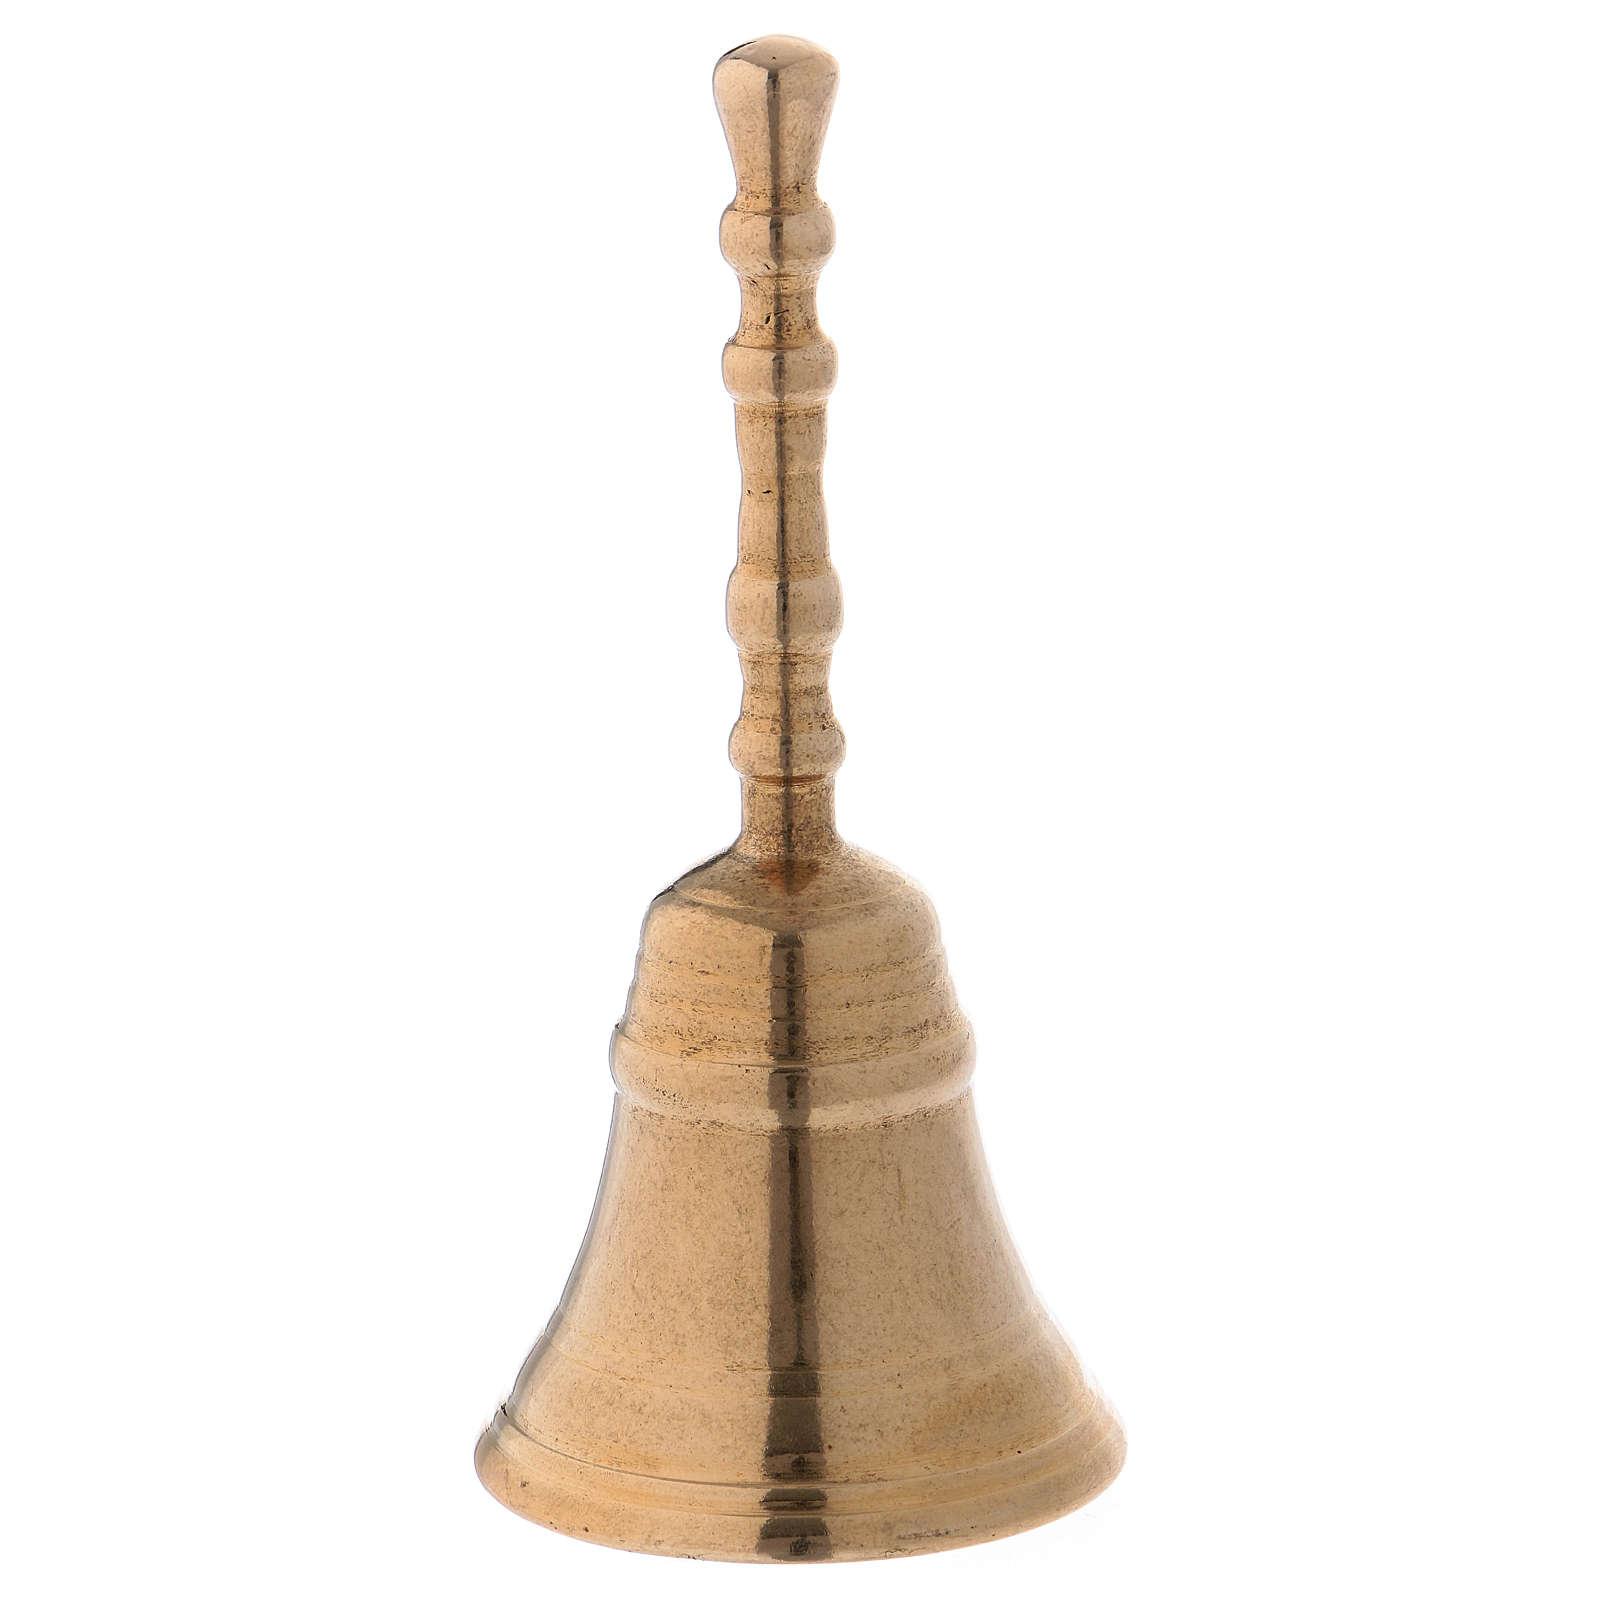 Dzwonek klasyczny z mosiądzu pozłacany błyszczący 12 cm 3